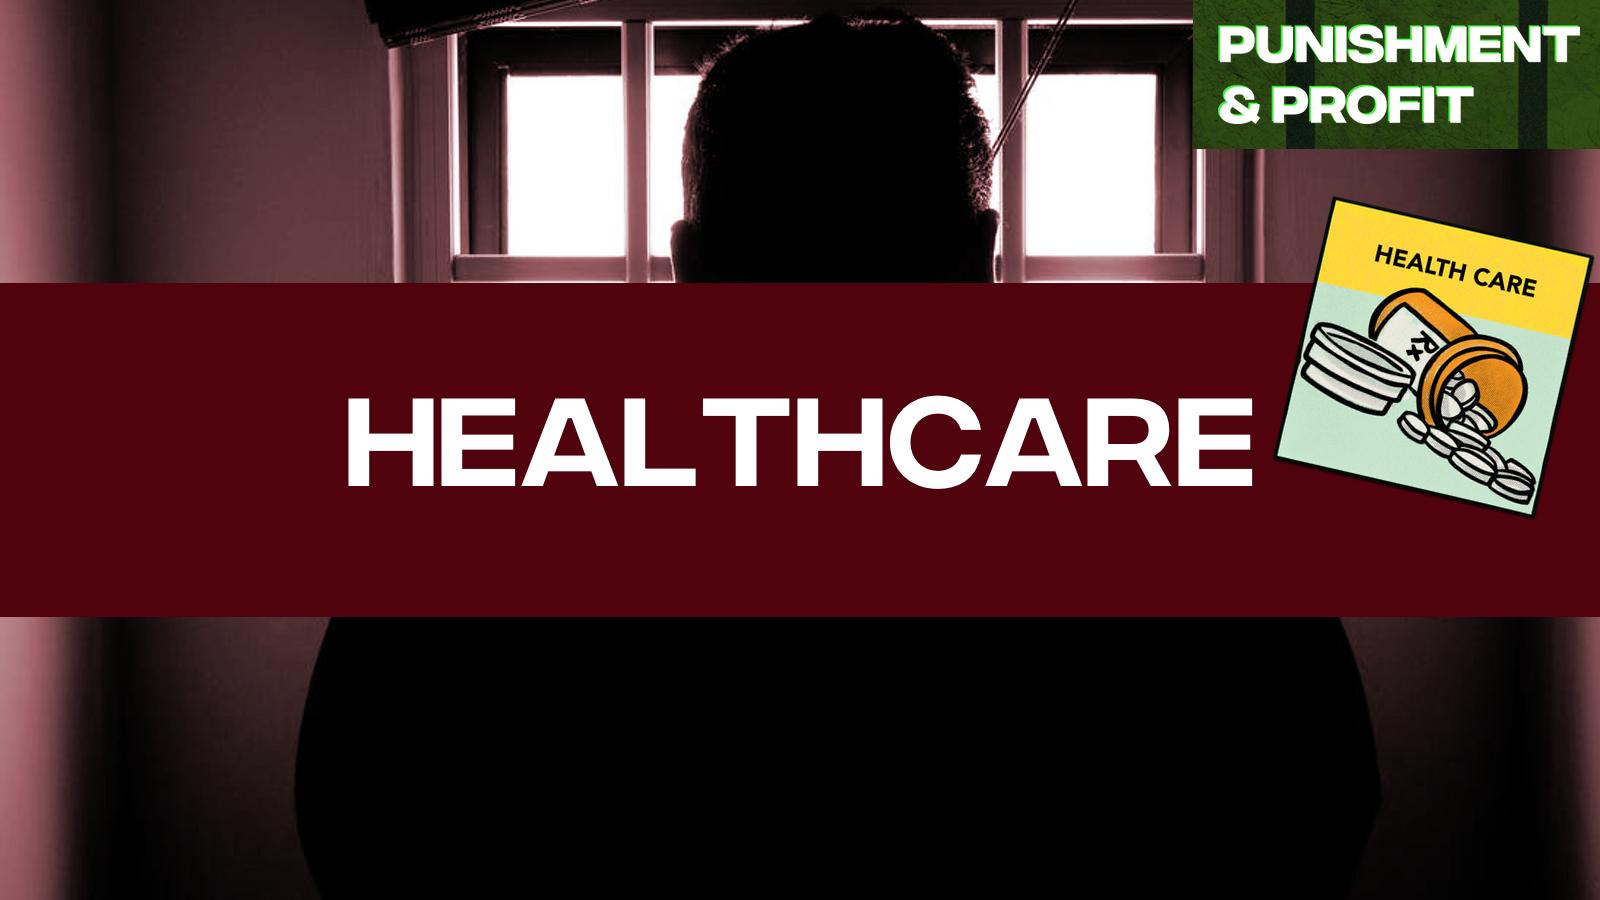 Punishment & Profit: Healthcare